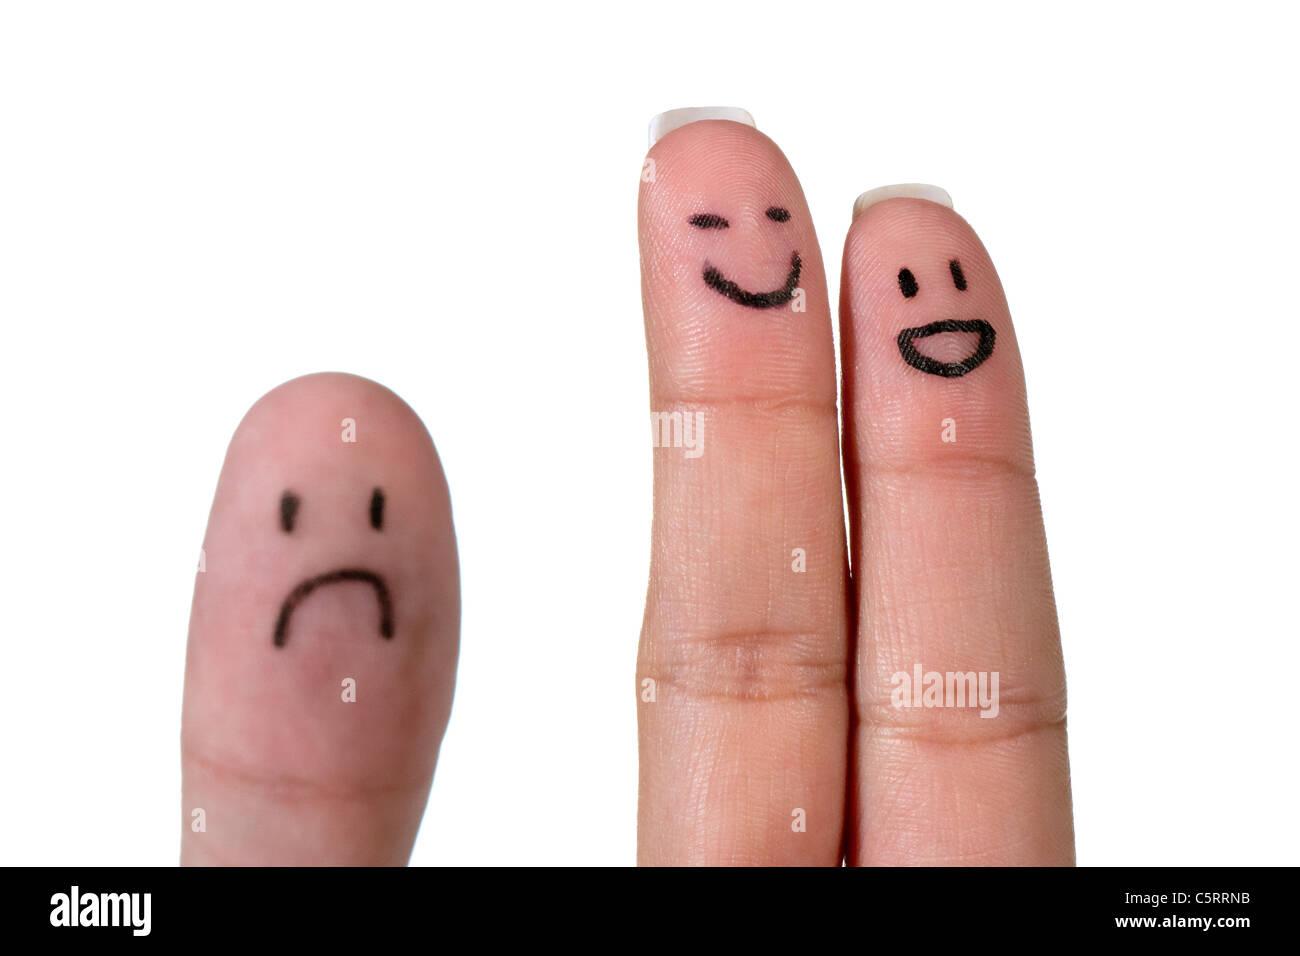 Trois doigts peints comme un couple annonce un regret face Photo Stock